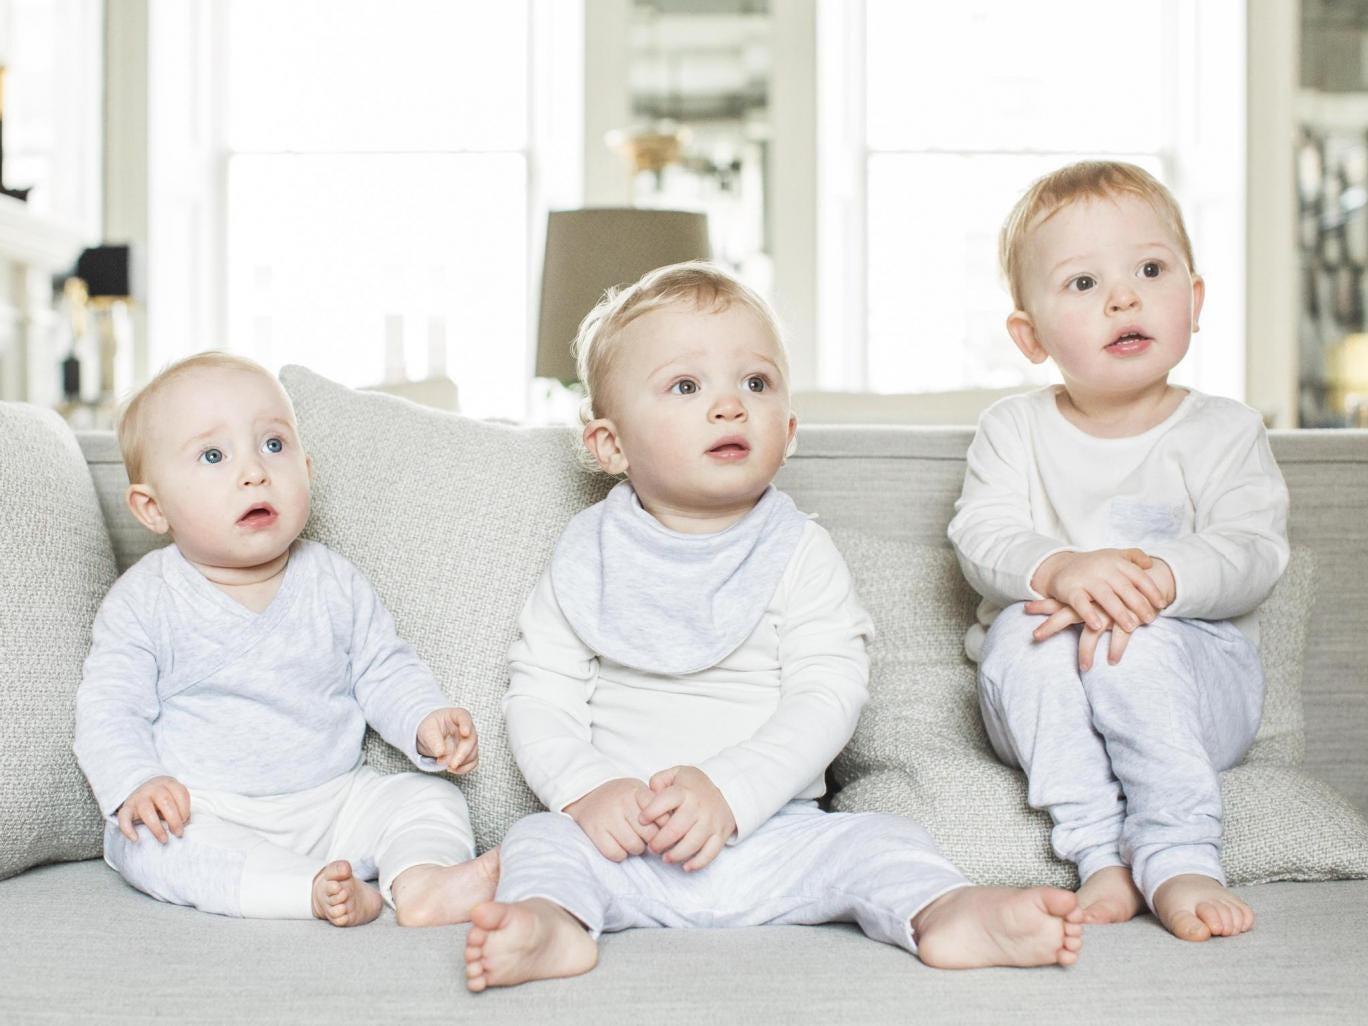 10 Best Baby Bibs